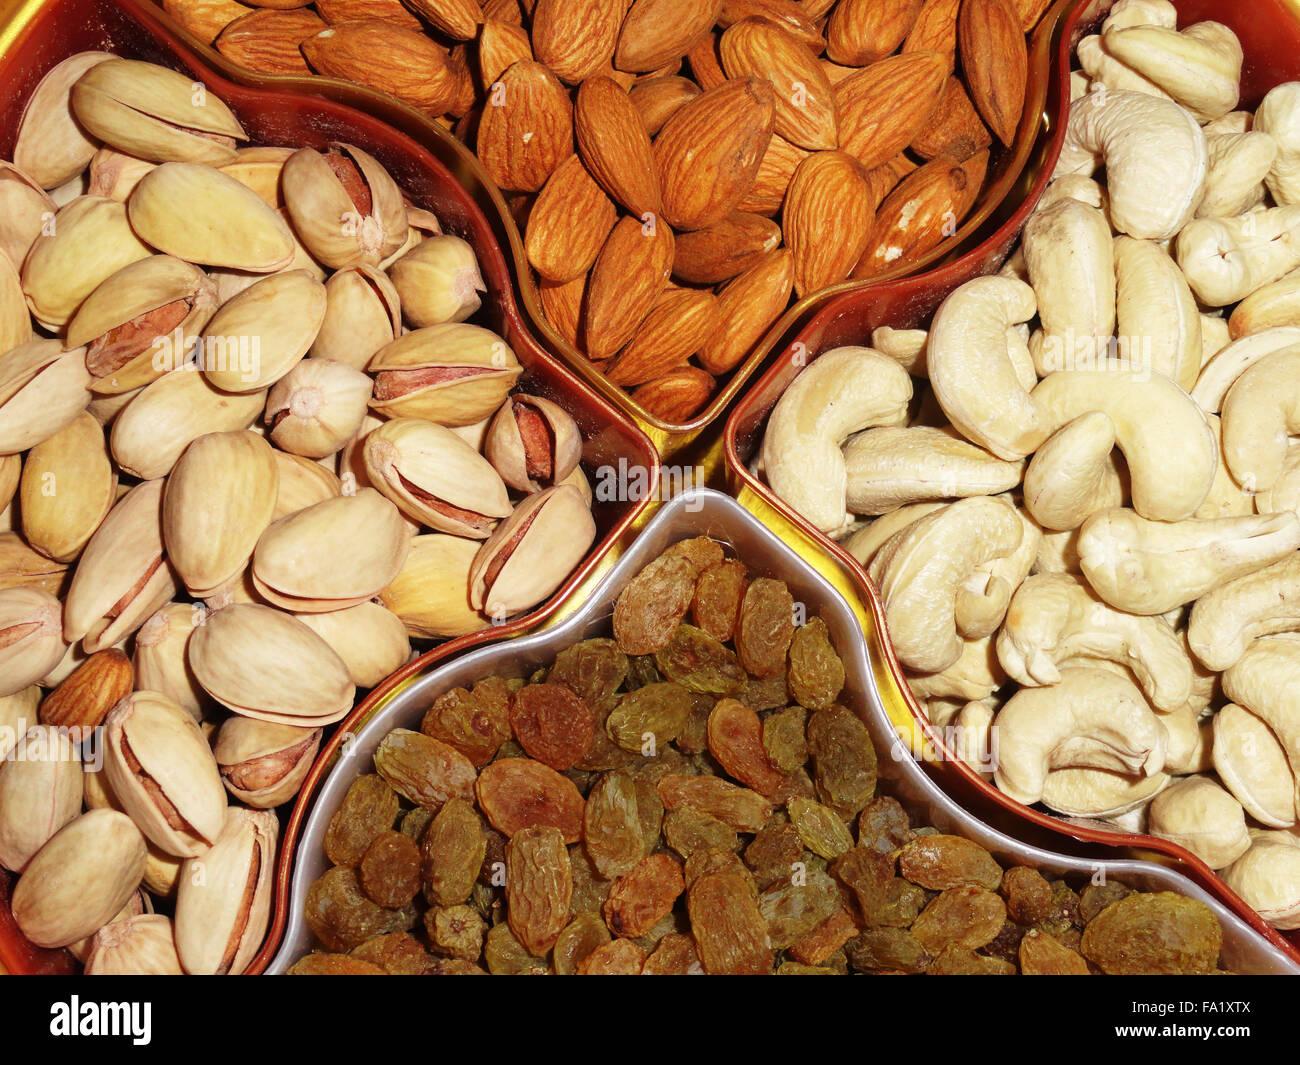 Un delicioso y saludable mezcla de frutos secos, pistacho y anacardo Imagen De Stock